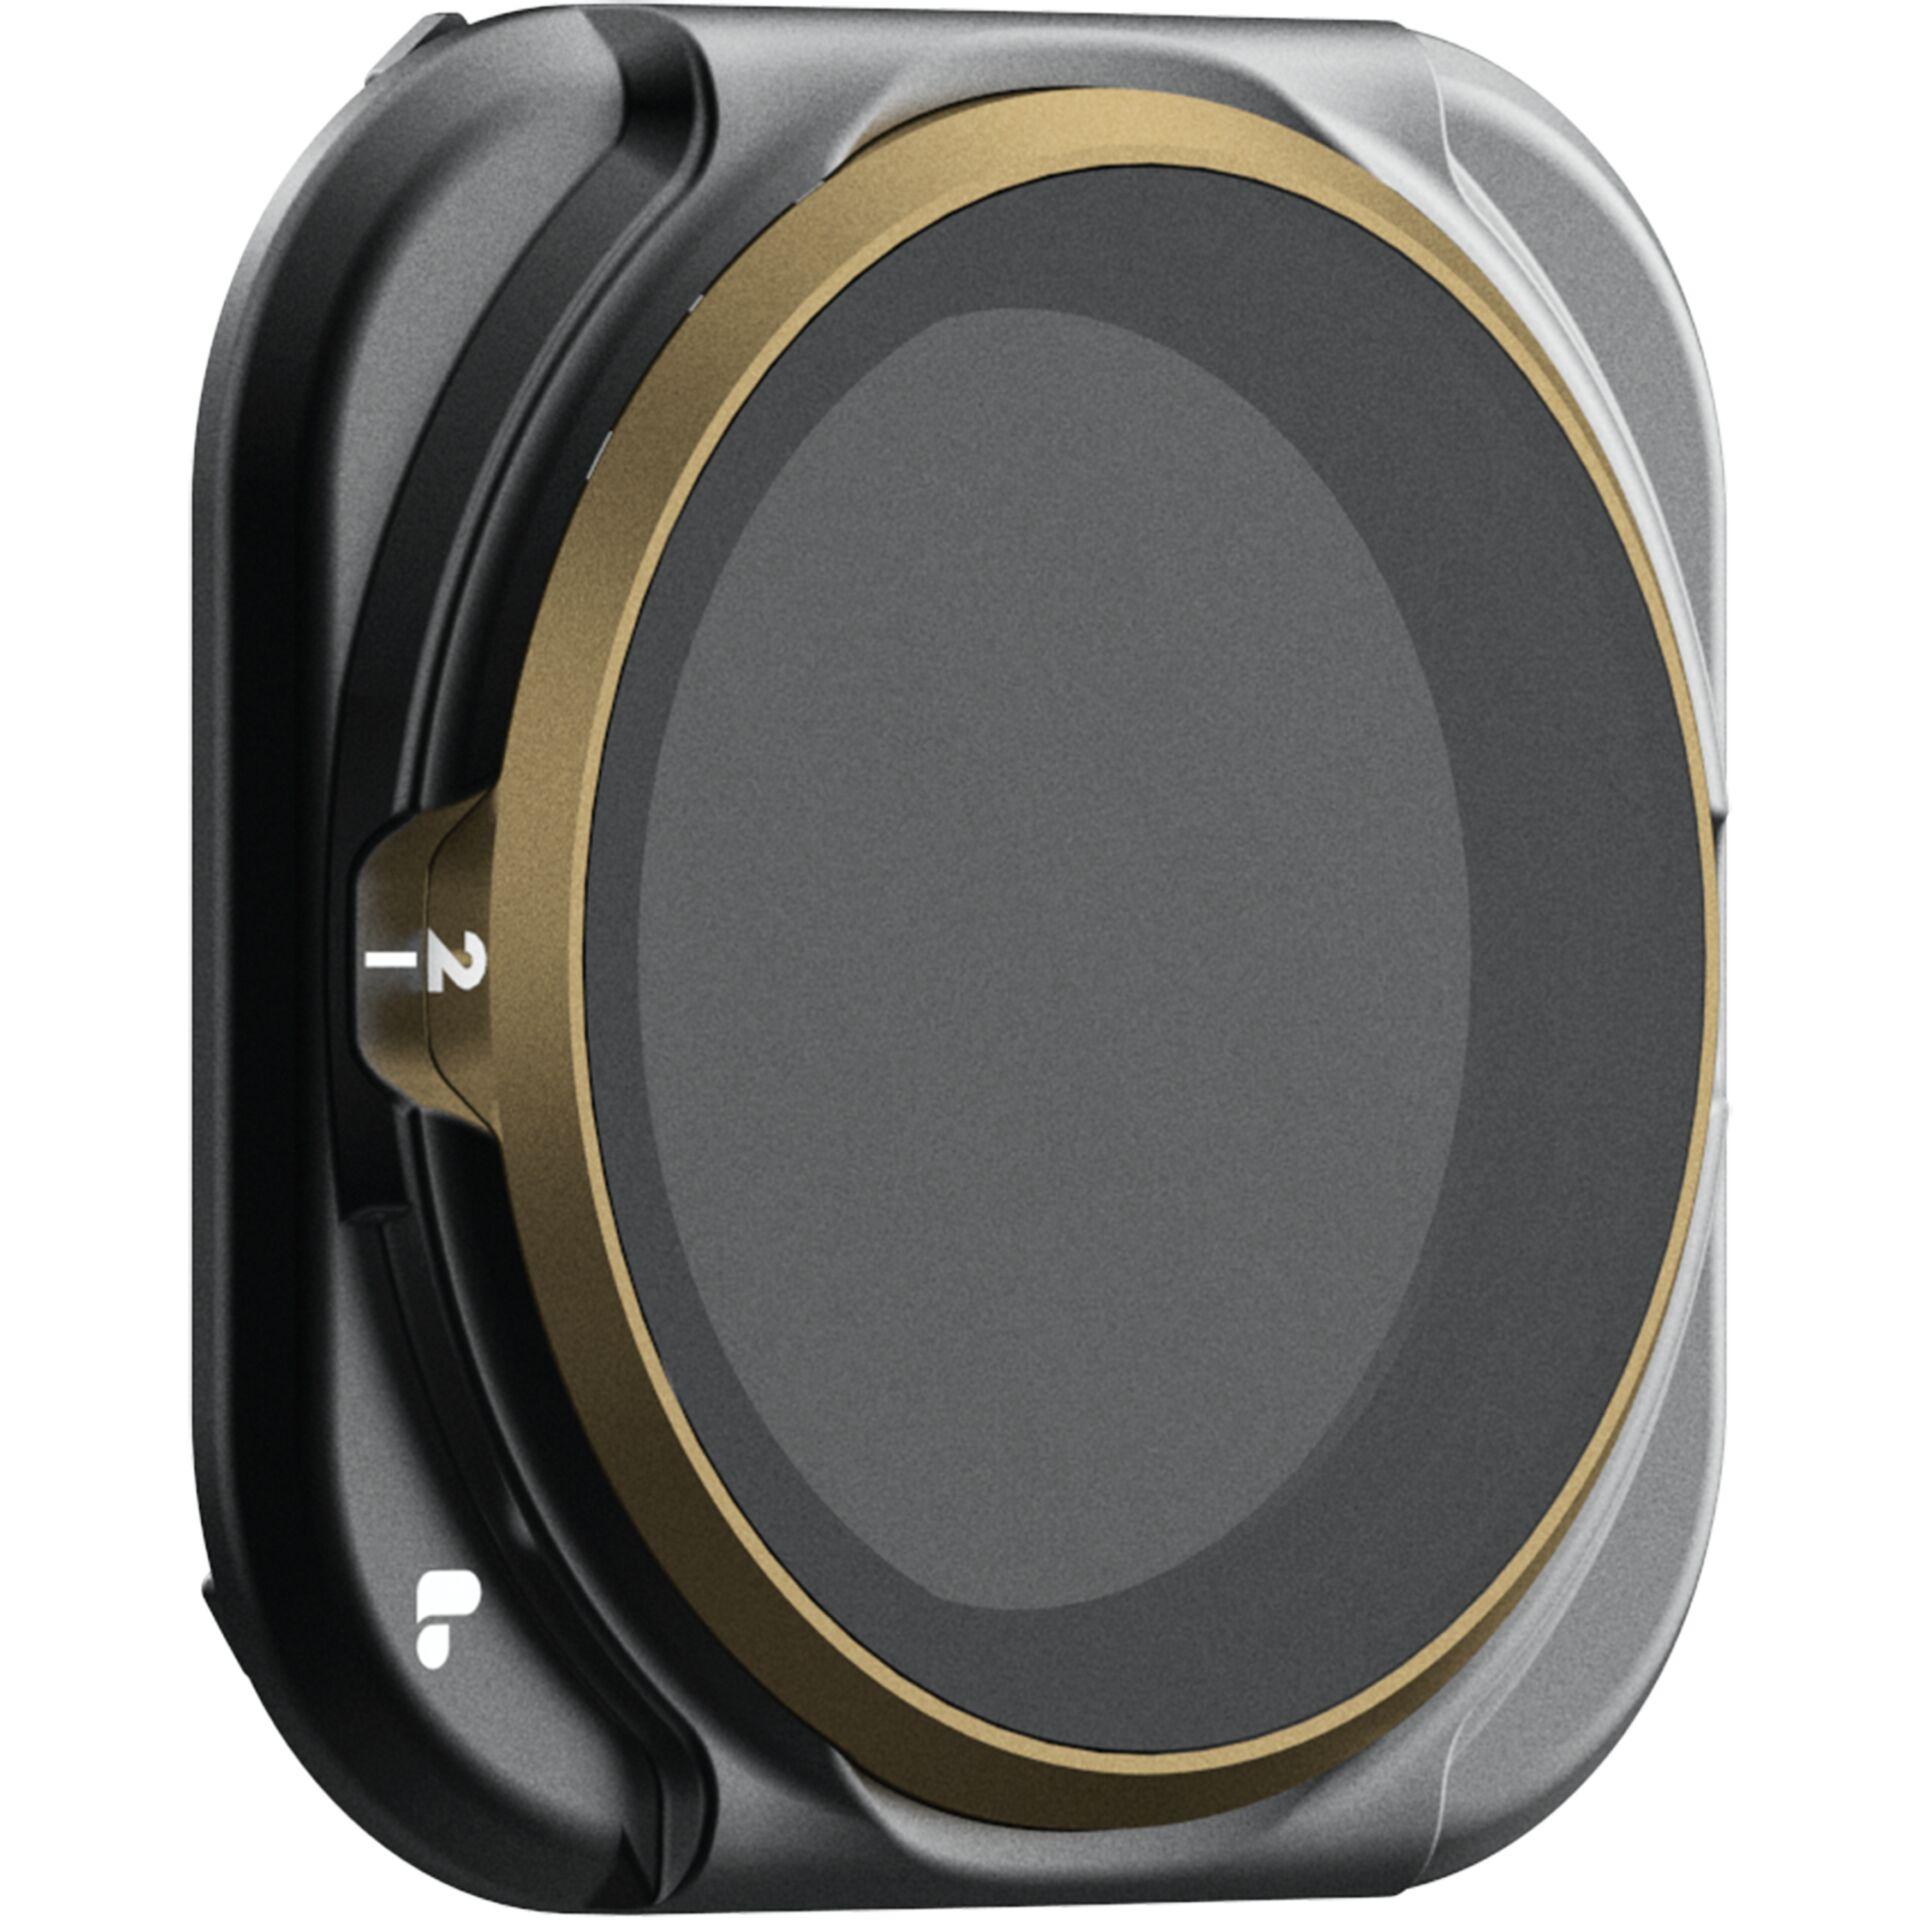 PolarPro VND Filter 2-5 Stops for DJI Mavic 2 Pro